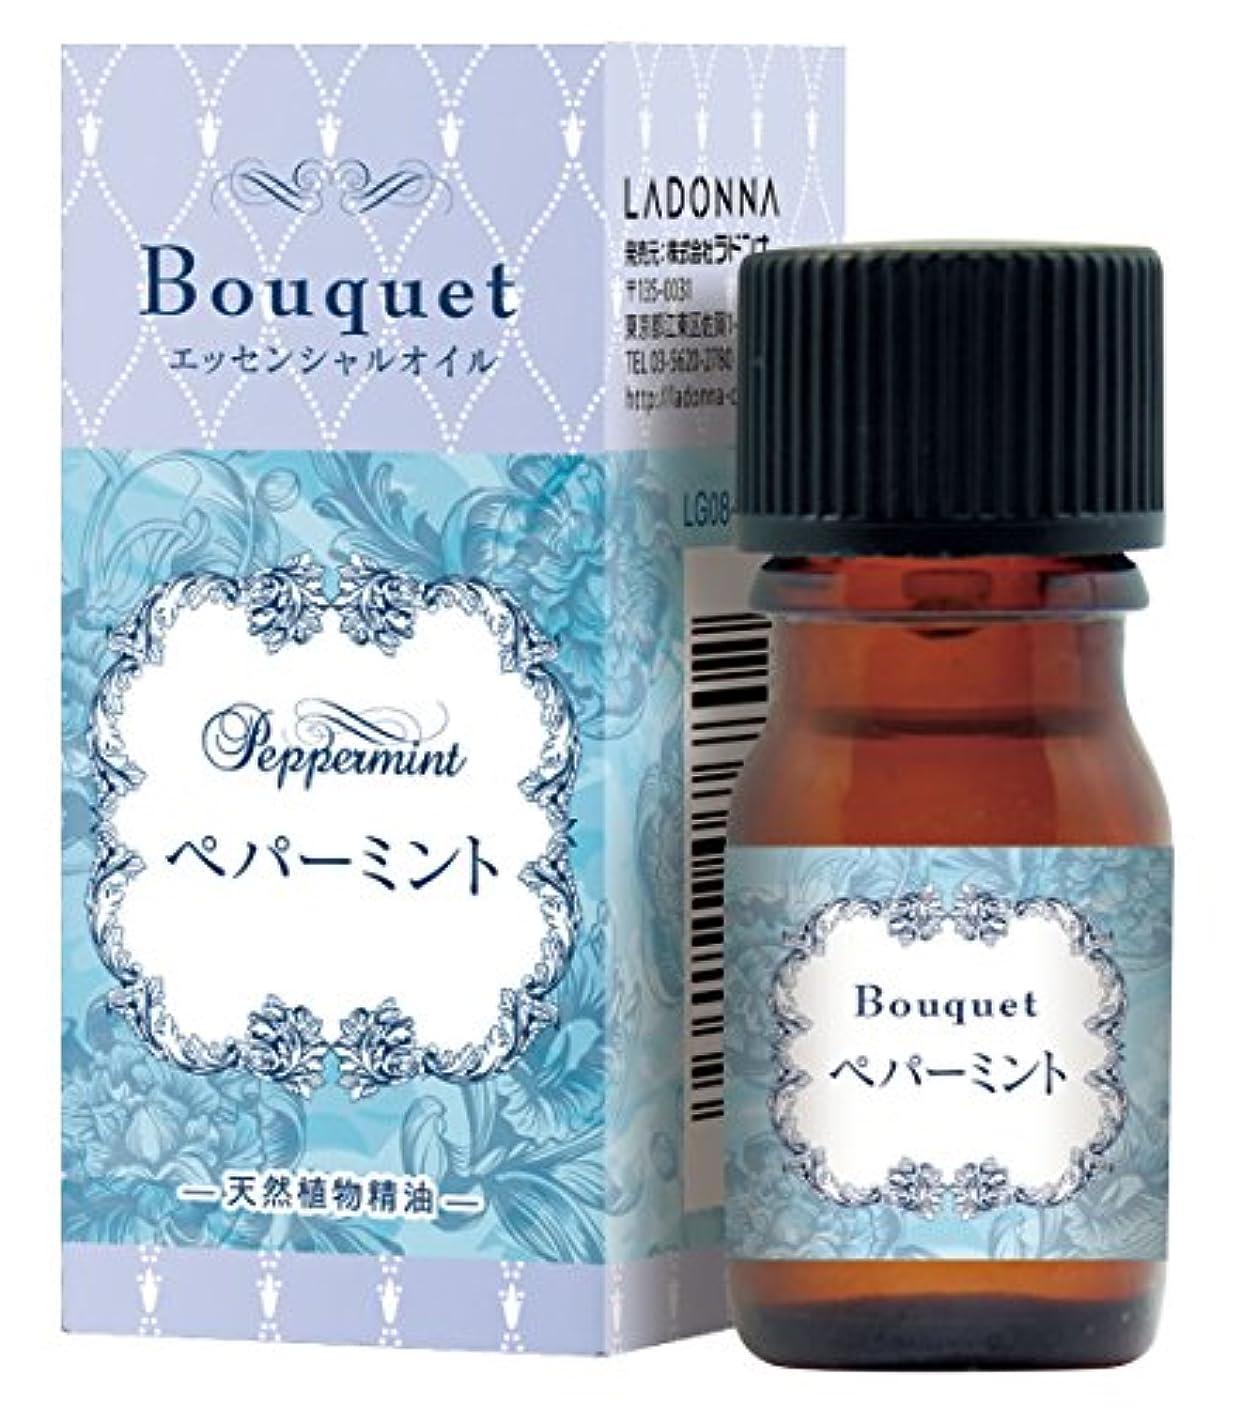 ボス肝減衰ラドンナ エッセンシャルオイル -天然植物精油- Bouquet(ブーケ) LG08-EO ペパーミント